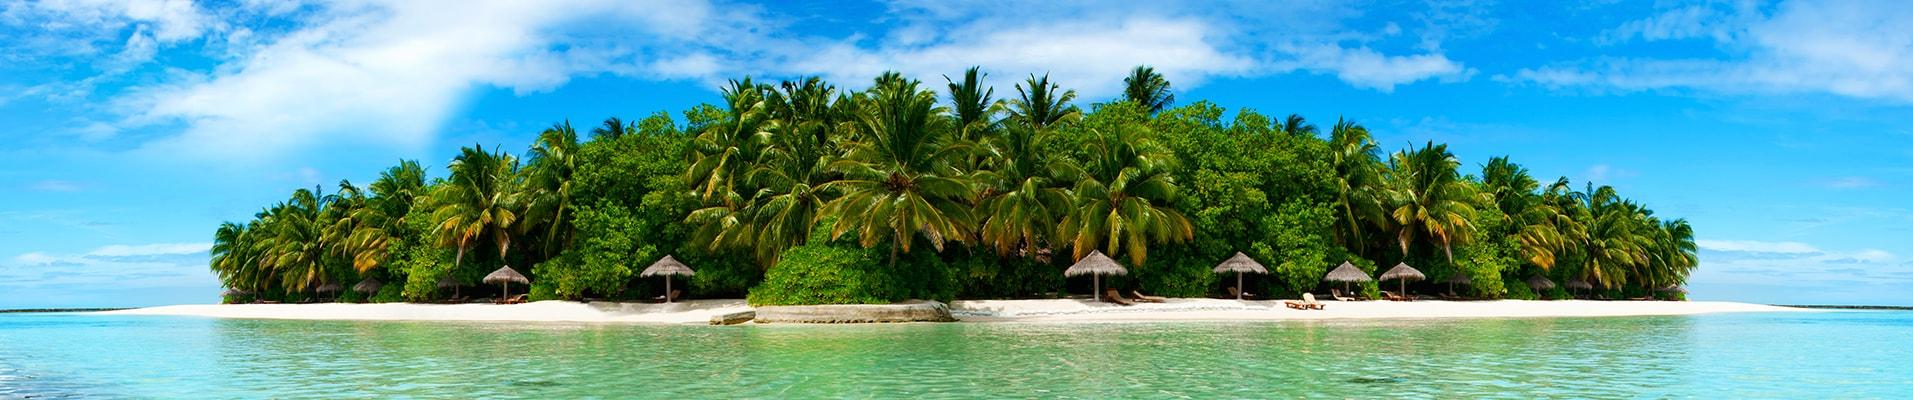 viajes a Islas Exoticas